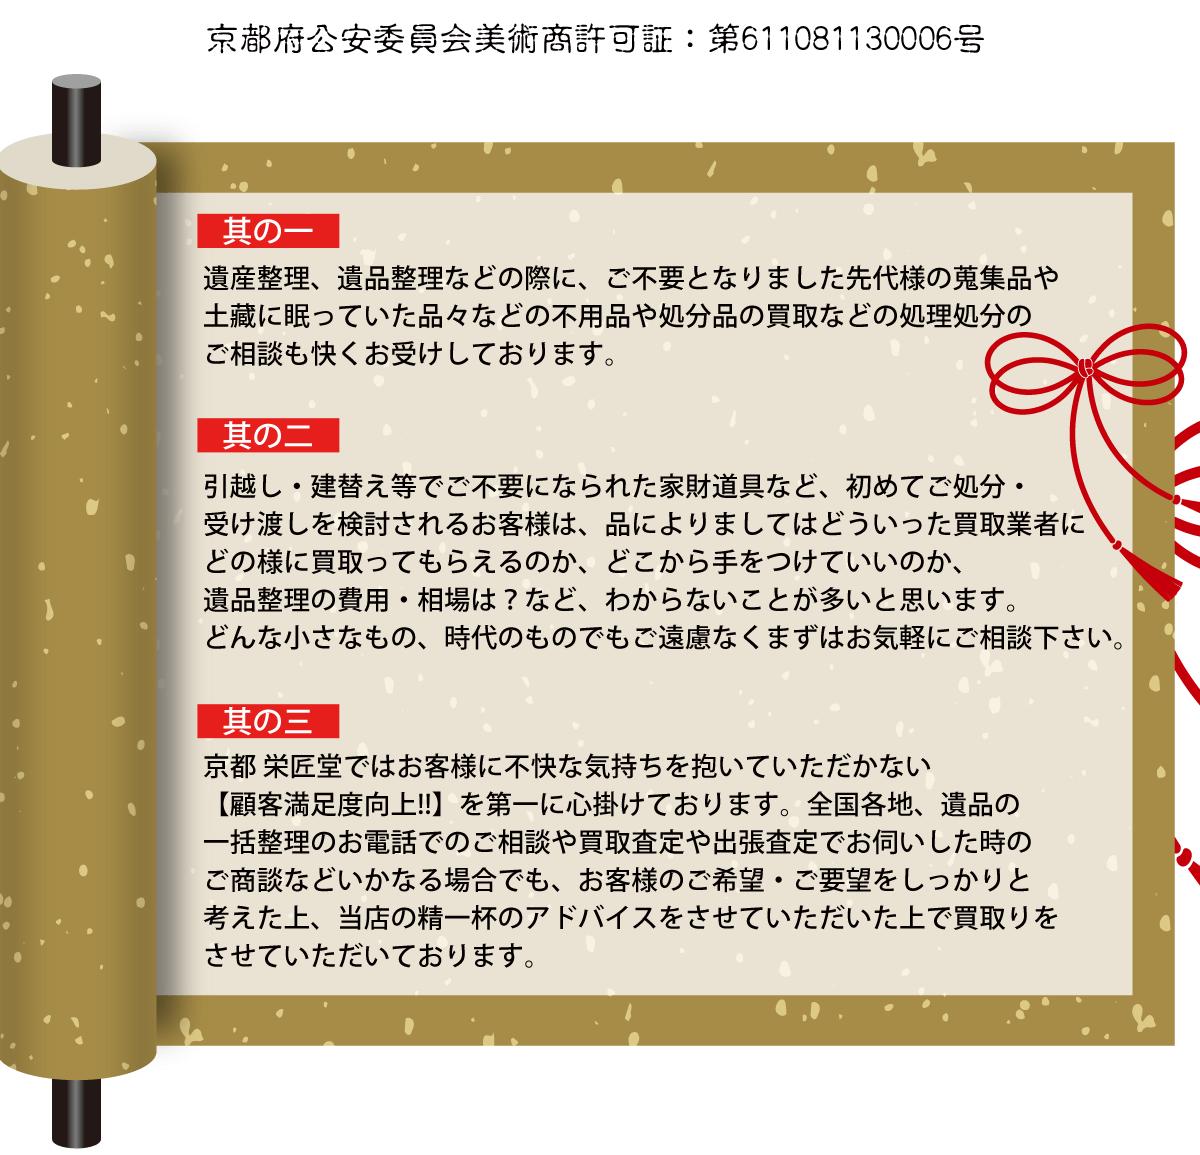 神奈川県、横浜市の土藏に眠っていた品々などの不用品や処分品の買取などの処理処分のご相談もお受け致します